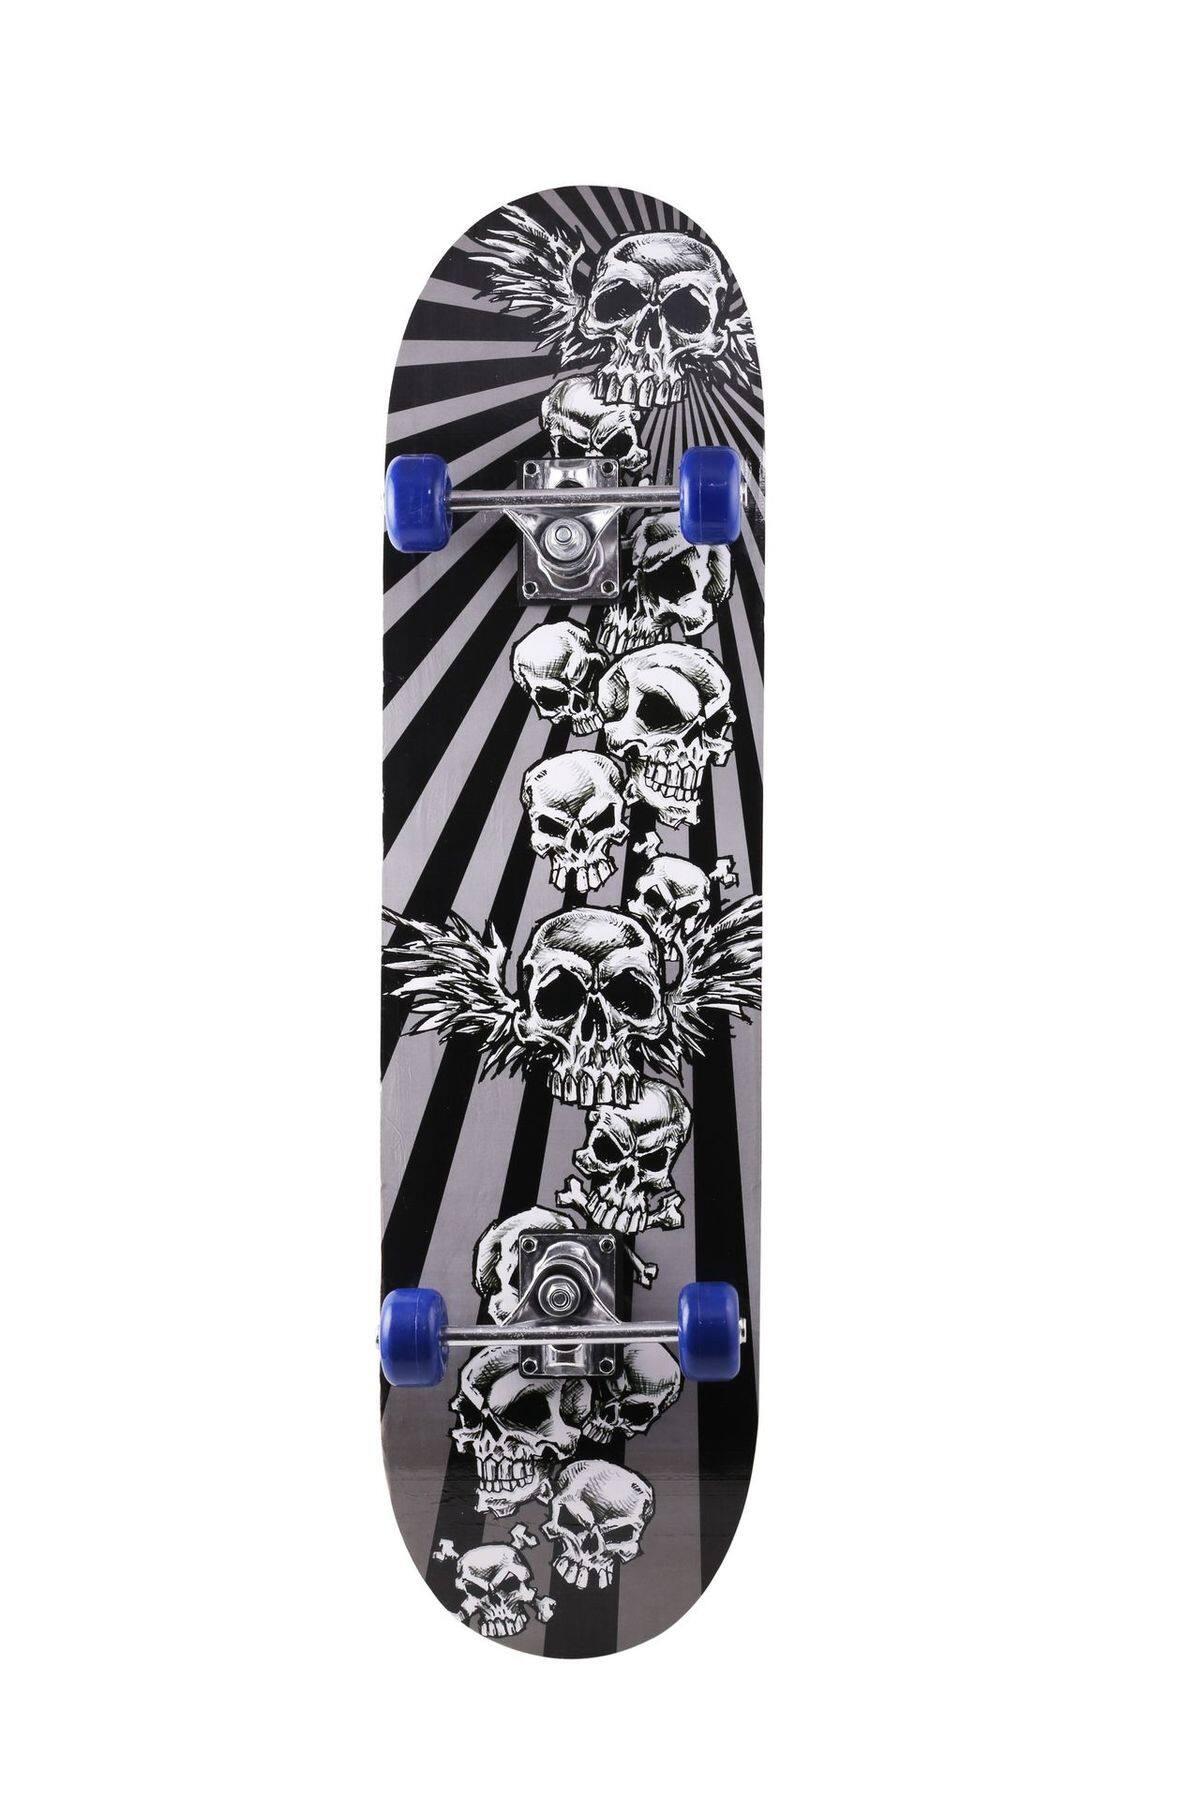 Mua Bốn Bánh Skateboard 78 Cm Thể Thao Ngoài Trời 4-Bánh Ván Trượt Dành Cho Người Lớn Skateboard Đôi-Nghiêng